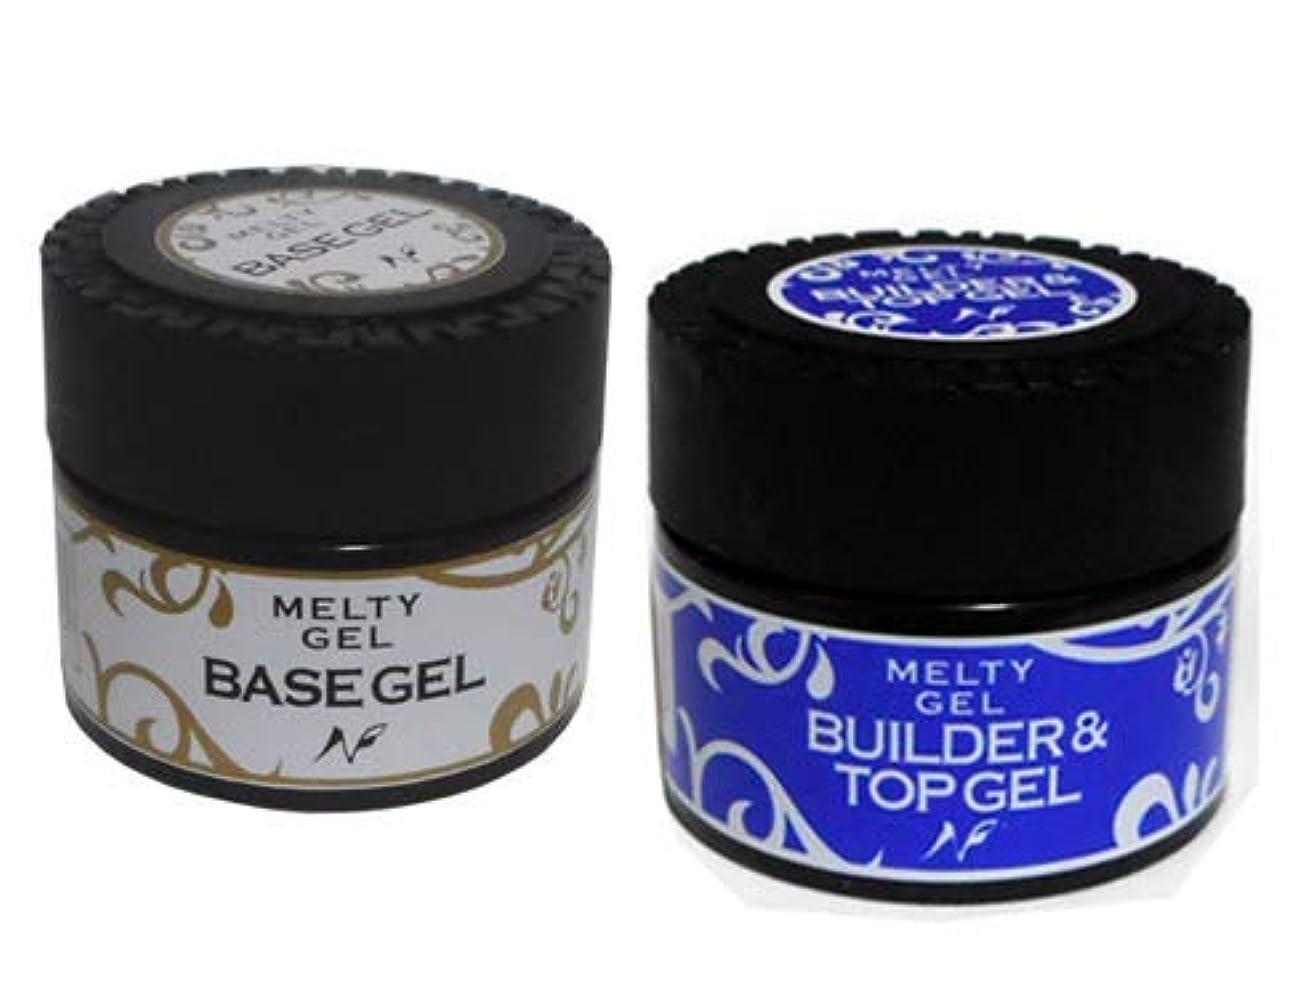 尊敬する断線実行Melty Gel ベースジェル 14g UV/LED対応 + ビルダー&トップジェル UV/LED対応 セット